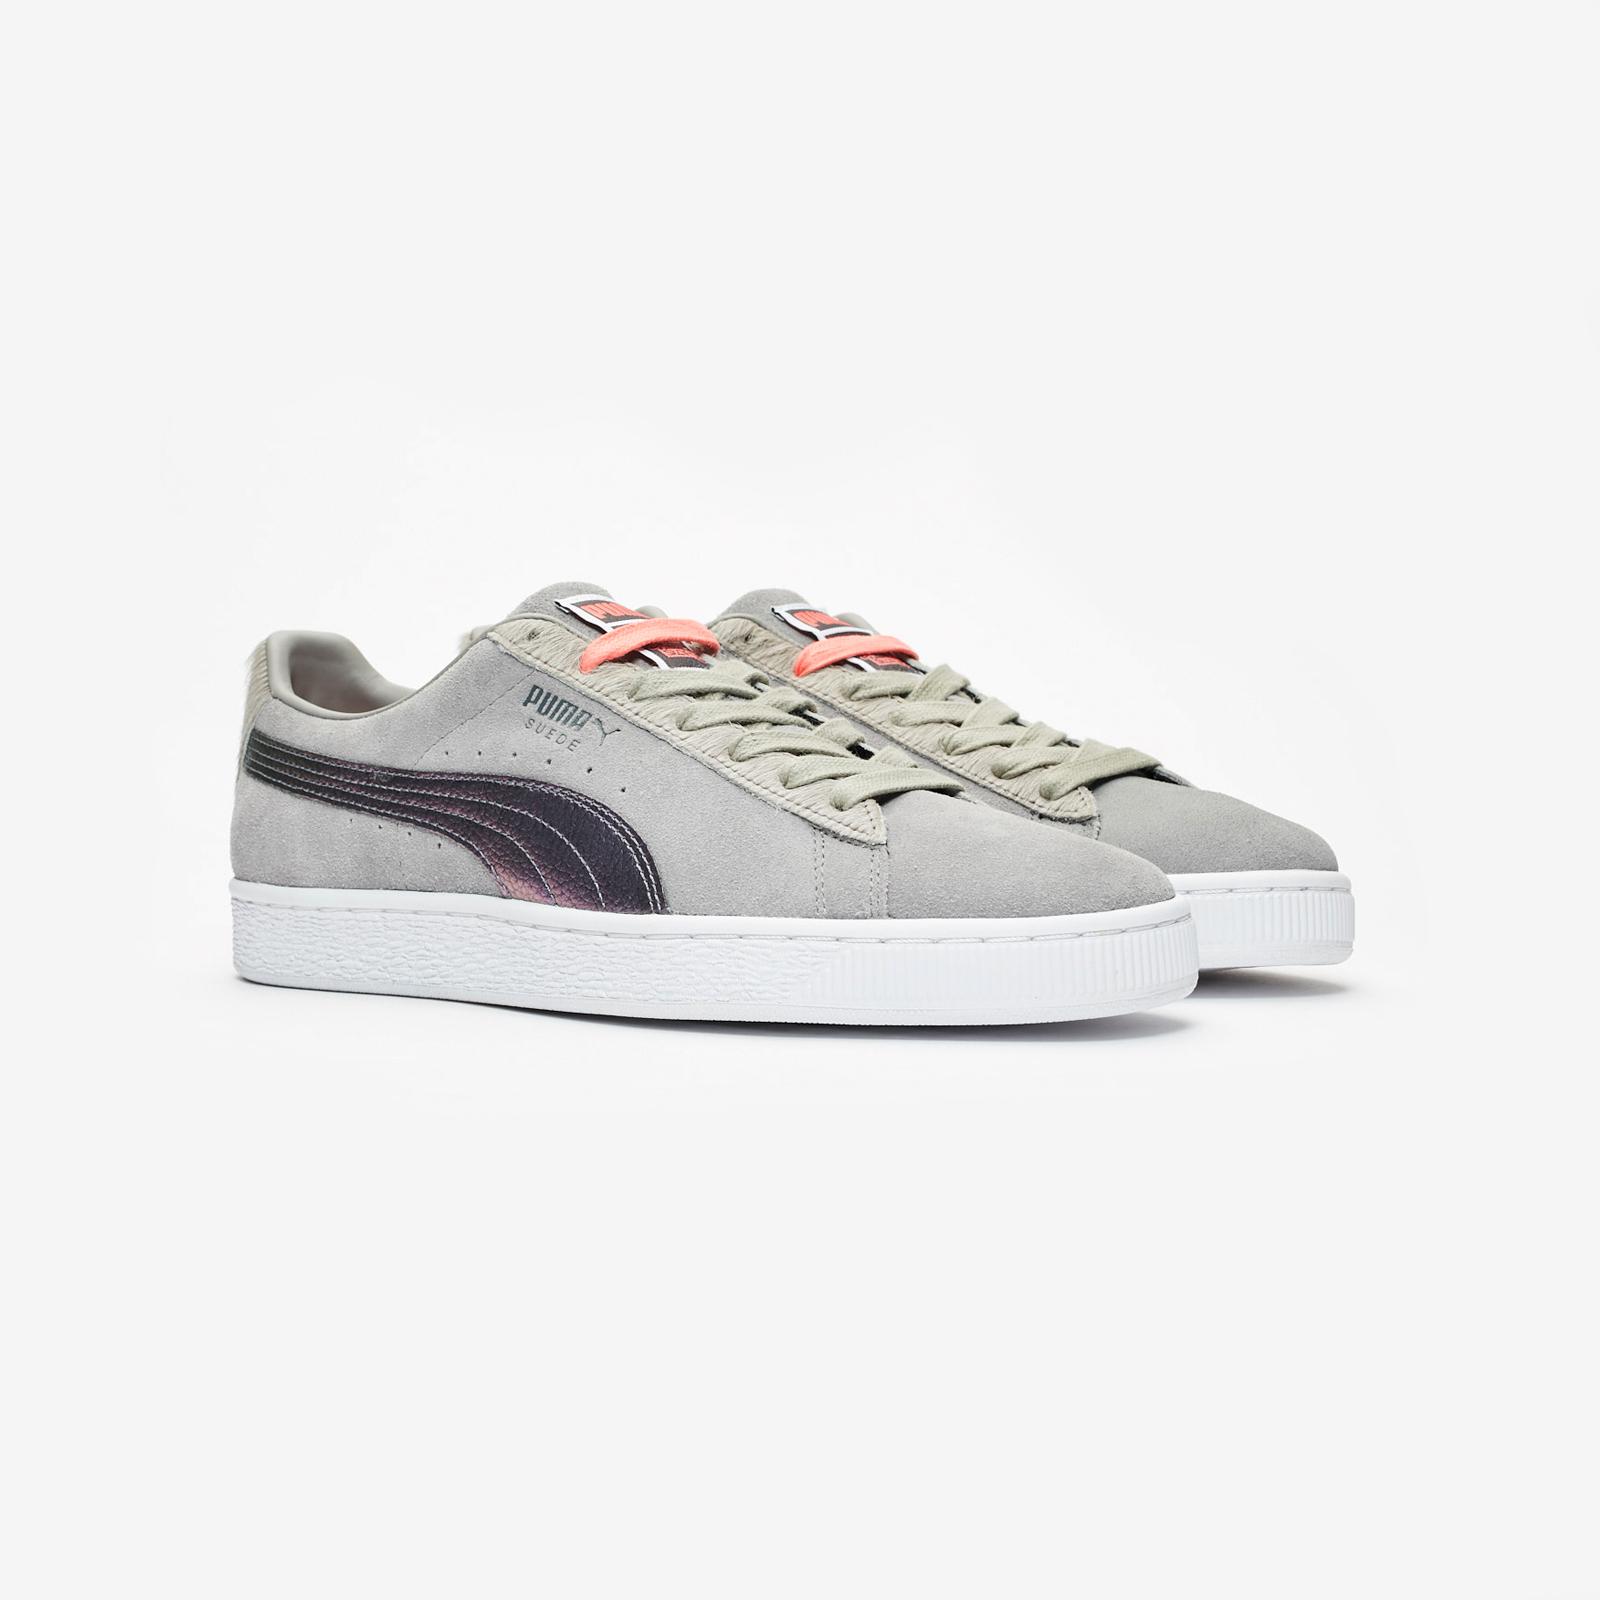 074720c01b5cc5 Puma Suede Classic x Staple - 366334-01 - Sneakersnstuff